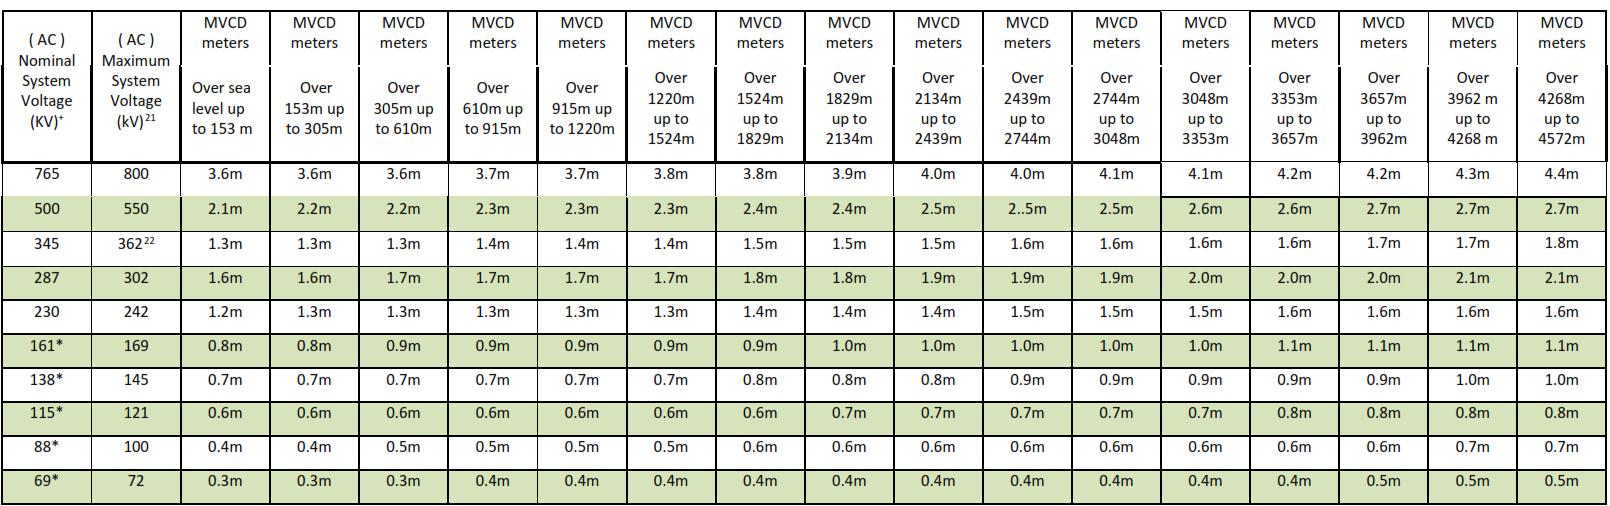 Minimum Vegetation Clearance Distances